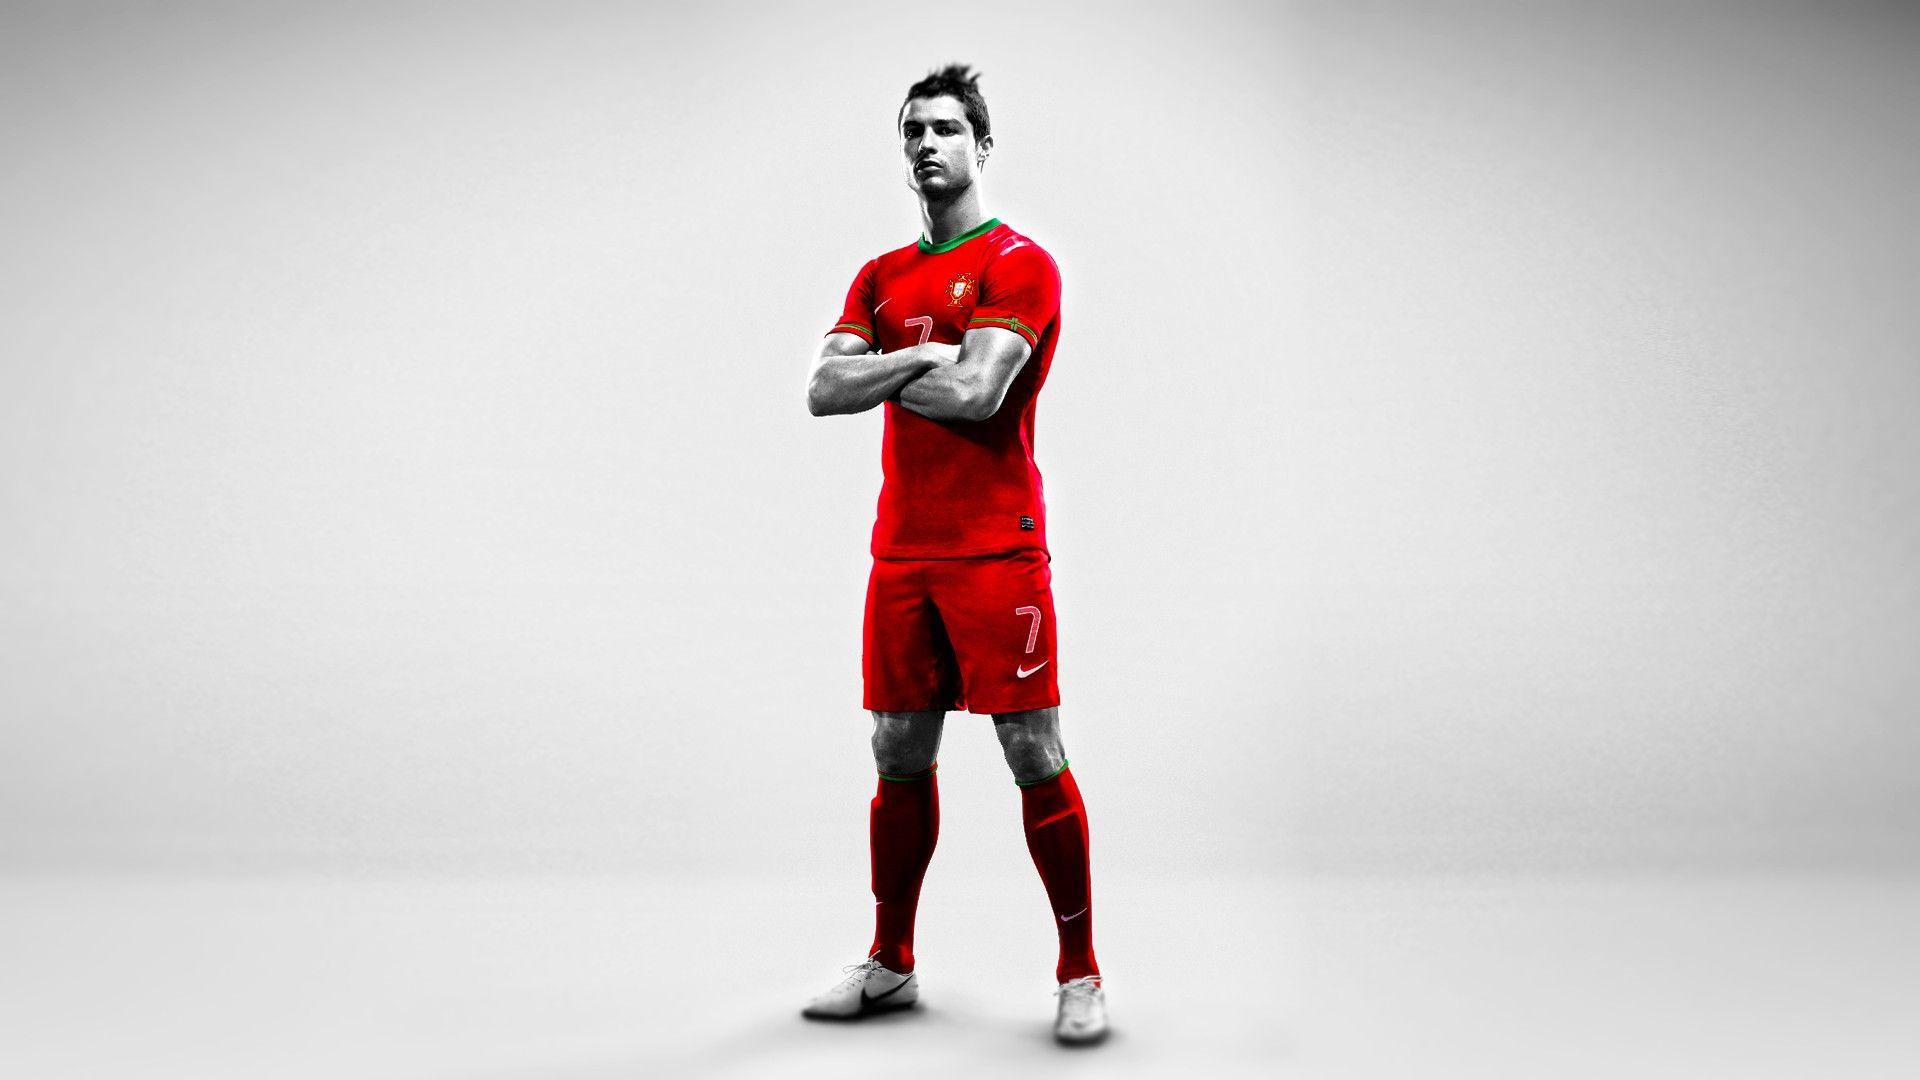 Jogador Favorito Cristiano Ronaldo Wallpapers Cristiano Ronaldo Ronaldo Wallpapers